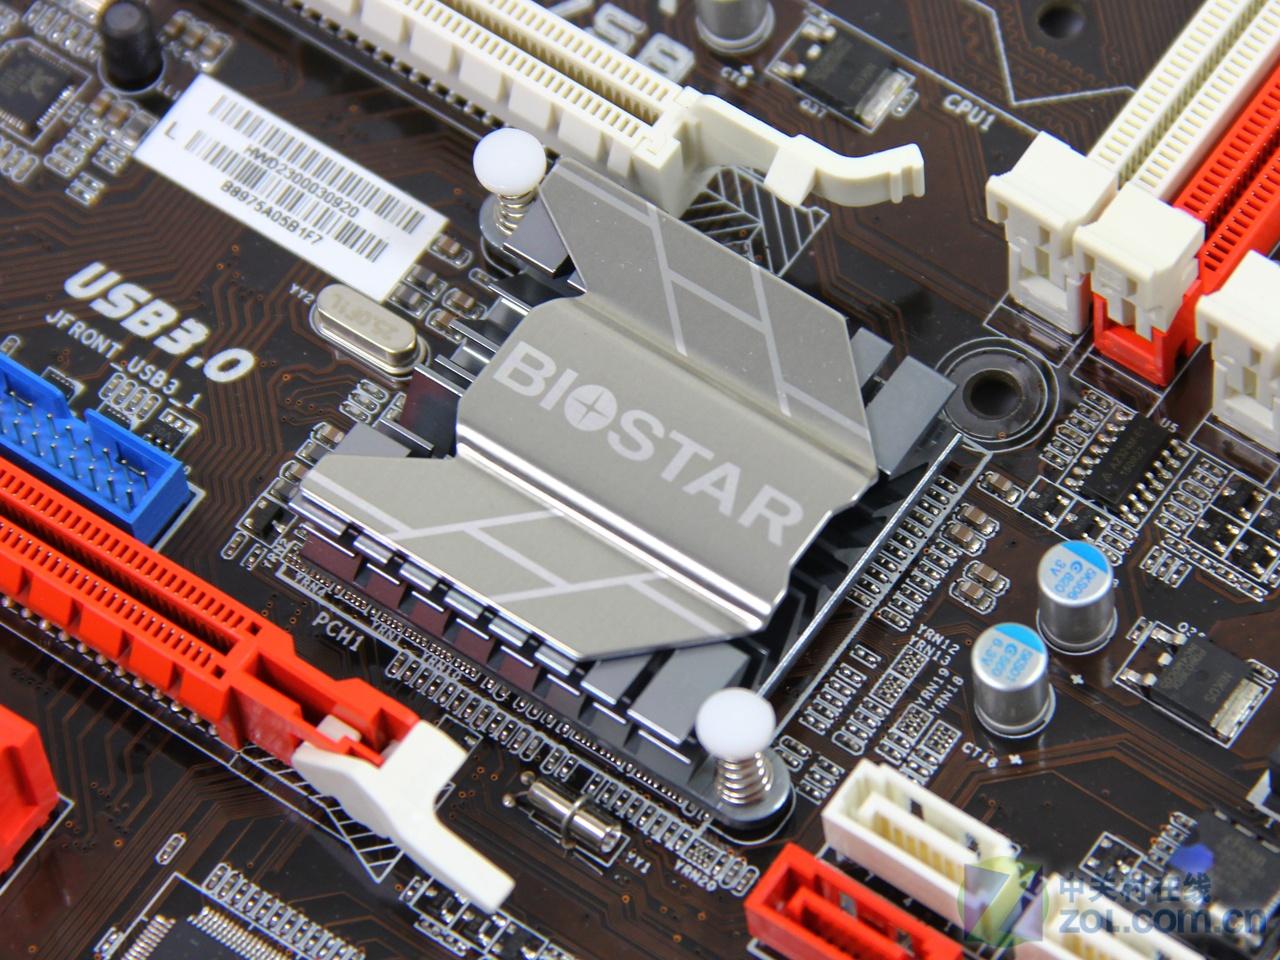 在IVB消费者级别的主板中,有Z77、Z75以及H77三位悍将。然而目前我们市面上见到的IVB主板,放眼望去,全是Z77及H77,中间的Z75却根本没有见到,这是怎么回事呢?别急!说曹操,曹操到,今天我们就为大家带来一款映泰出品的基于Z75芯片组的主板:映泰TZ75B。与Z77主板相比,Z75主板依旧支持带KCPU的超频,依旧能够满足超频玩家的需求。同时,去掉了Z77芯片组3路SLI/CrossFireX及SRT功能。用不到这两项功能的用户,可以说Z75芯片组会更划算一些。下面我们就来一睹这款Z75主板的